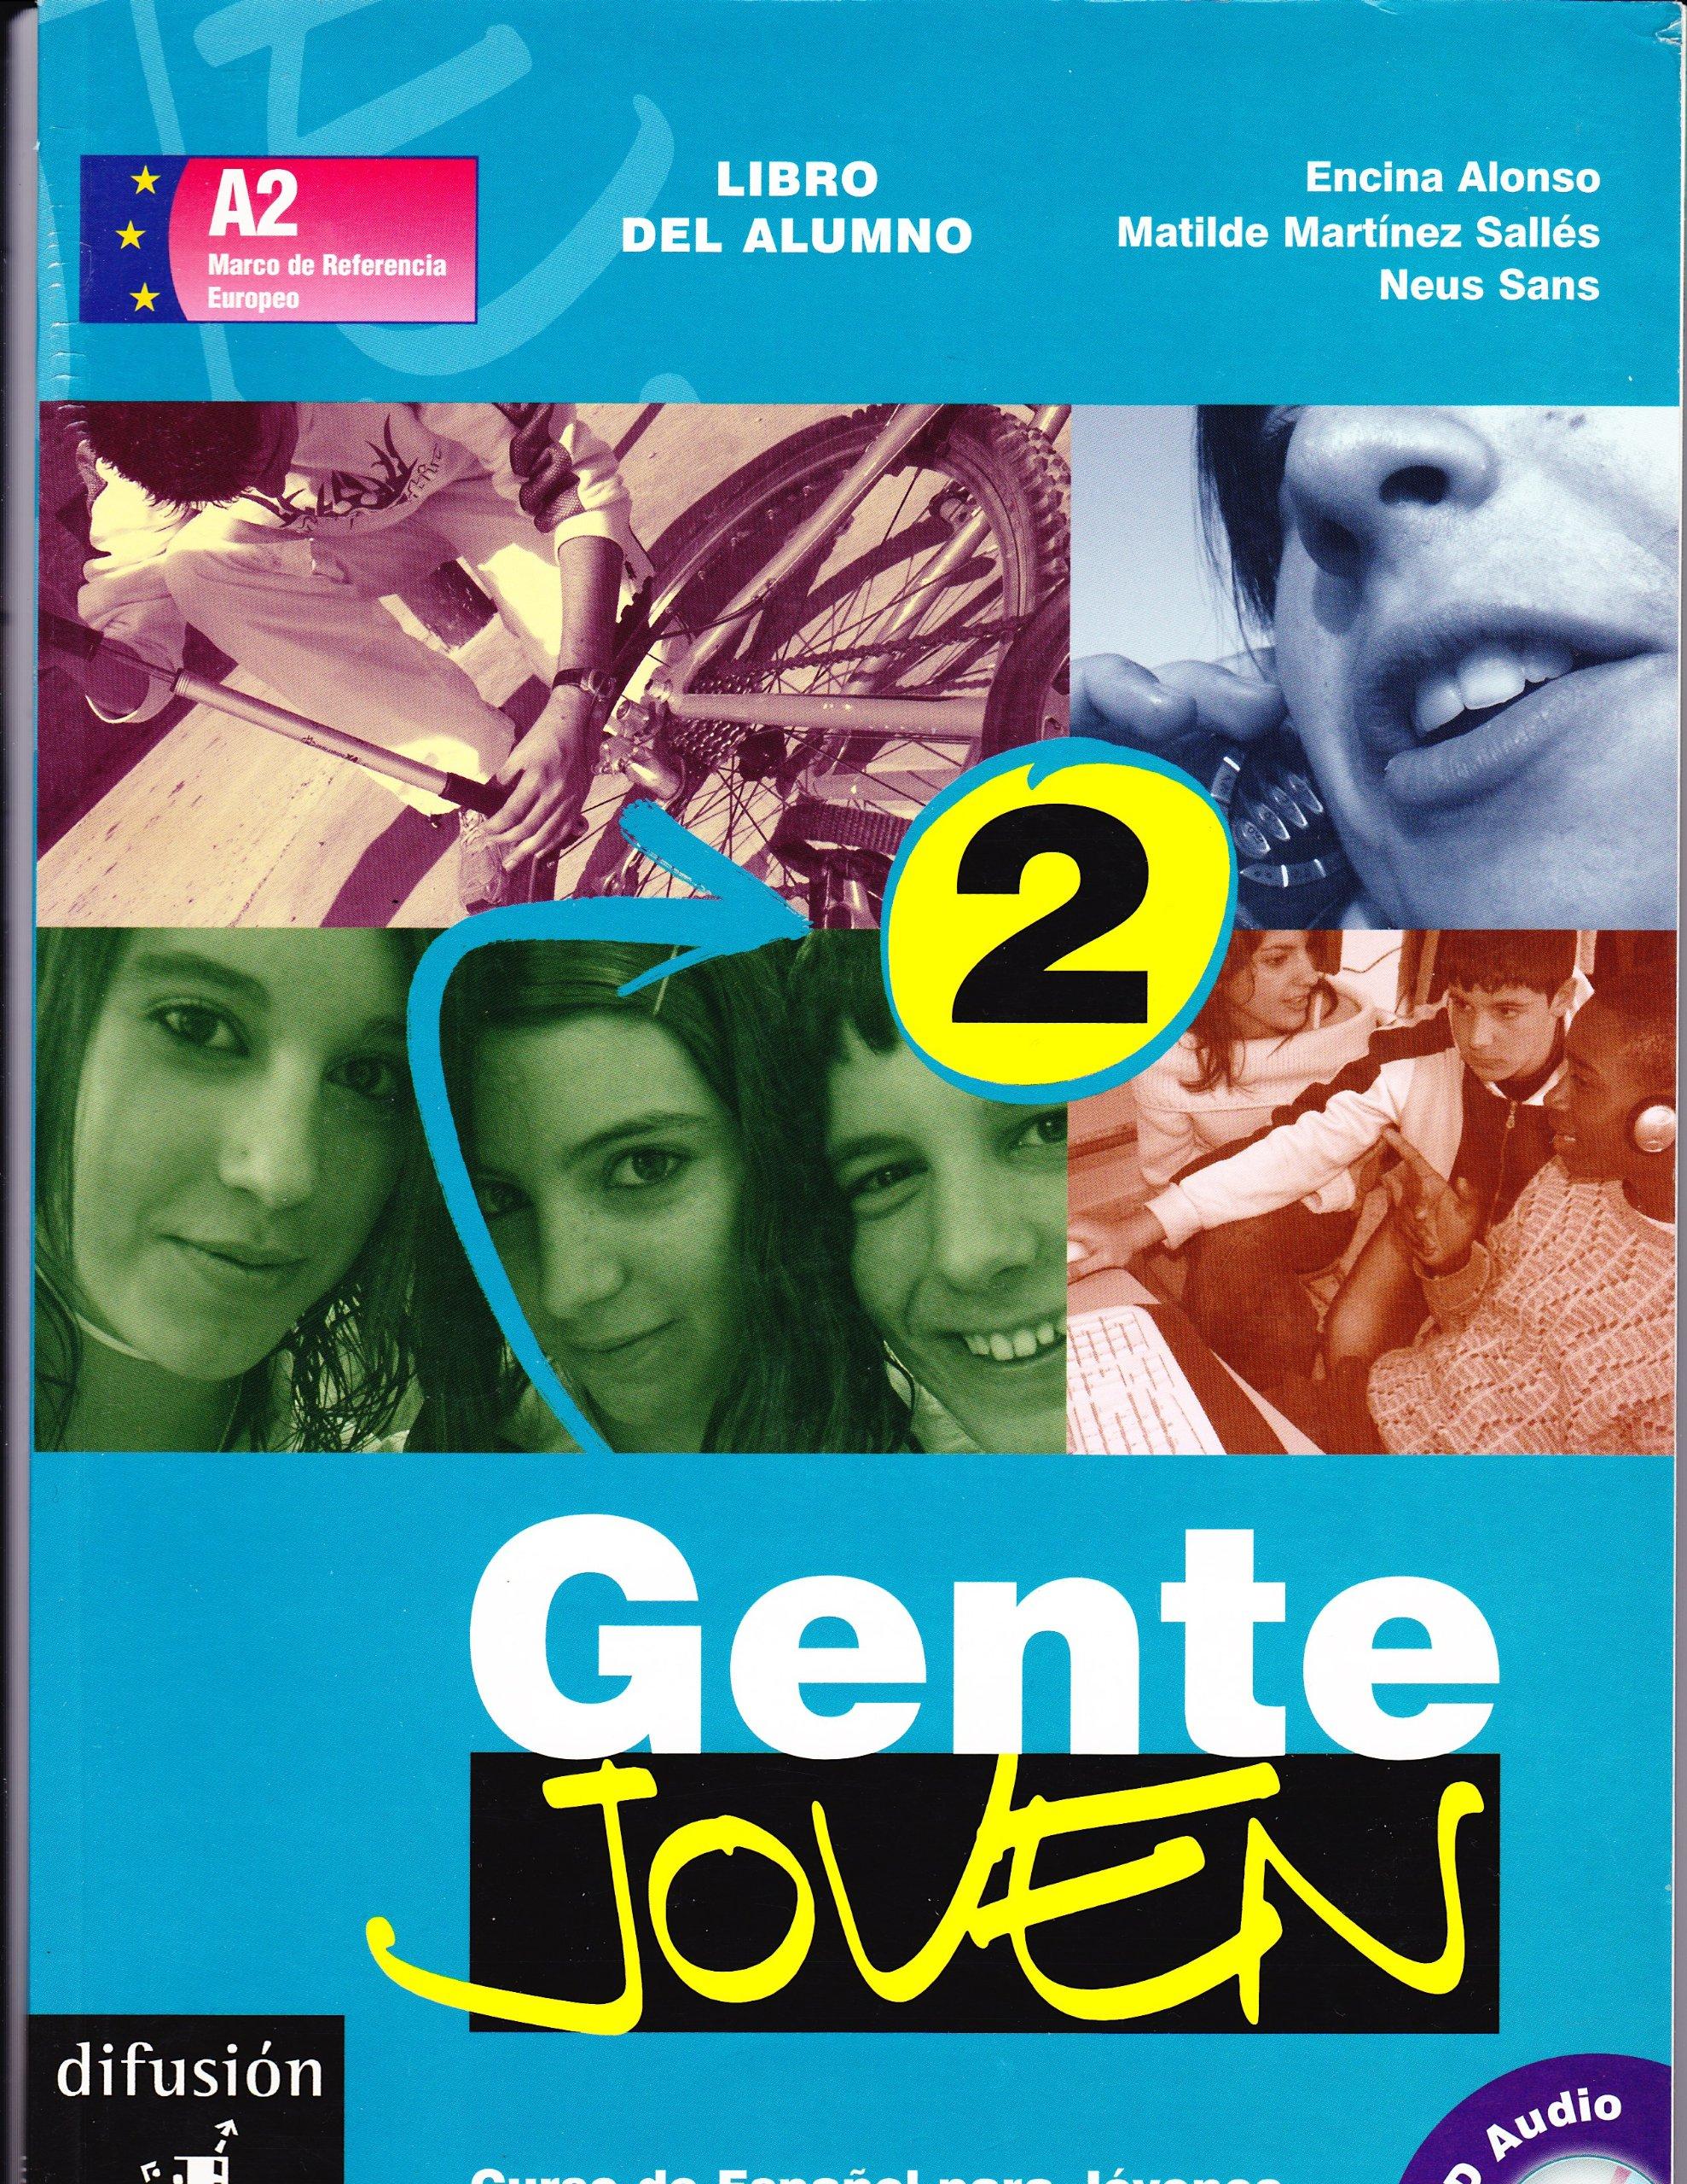 Gente Joven 2 Libro del alumno + CD Ele - Texto Español: Amazon.es: Neus Sans, Encina Alonso, Matilde Martínez Sallés: Libros